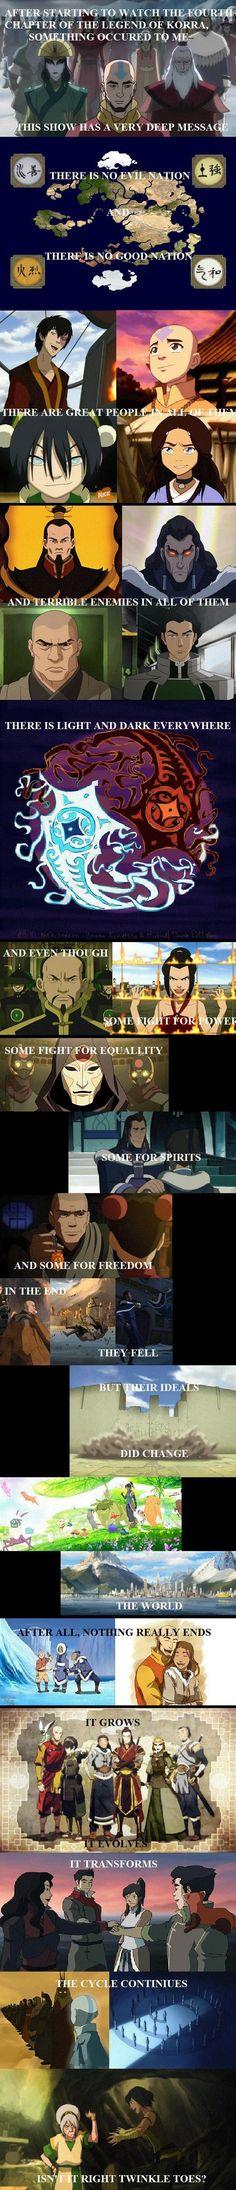 The lessons of Avatar & Legend of Korra - Imgur